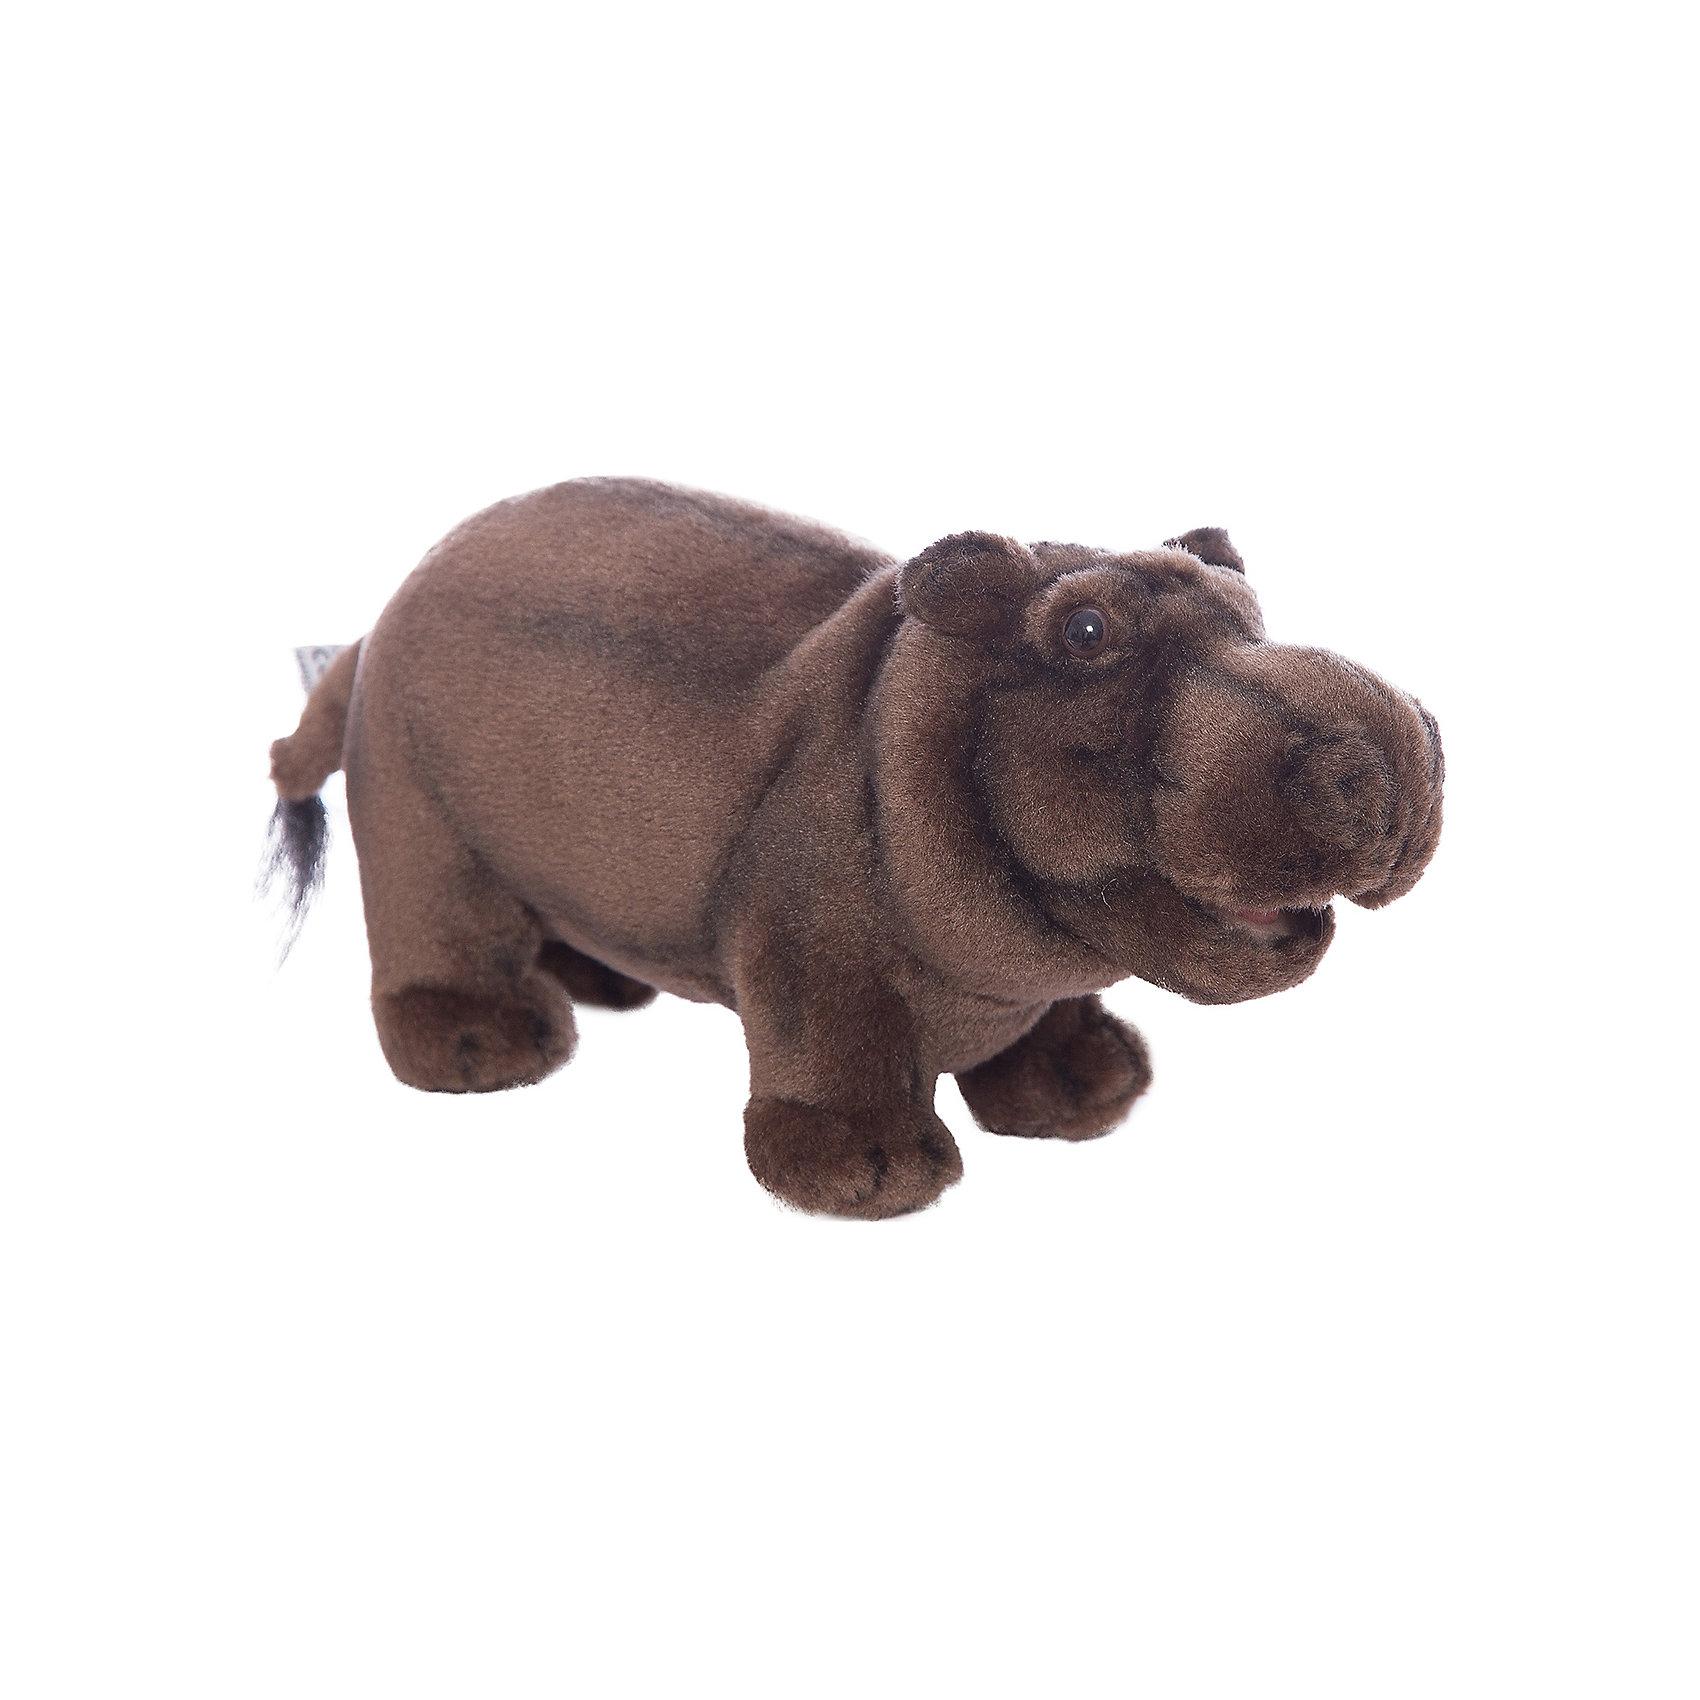 Бегемот, 30 смБегемот, 30 см – игрушка от знаменитого бренда Hansa, специализирующегося на выпуске мягких игрушек с высокой степенью натуралистичности. Внешний вид игрушечного бегемота полностью соответствует реальному прототипу. Игрушка выполнена в темно-коричневом цвете. Внутри имеется металлический каркас, который позволяет изменять положение. <br>Игрушка относится к серии Дикие животные. Выполнена из искусственного меха, обладающего гипоаллергенными свойствами.   <br>Мягкие игрушки от Hansa подходят для сюжетно-ролевых игр, для обучающих игр, направленных на знакомство с животным миром дикой природы. Кроме того, их можно использовать в качестве интерьерных игрушек. Коллекция из нескольких игрушек позволяет создать свой домашний зоопарк, который будет радовать вашего ребенка долгое время, так как ручная работа и качественные материалы гарантируют их долговечность и прочность.<br><br>Дополнительная информация:<br><br>- Вид игр: сюжетно-ролевые игры, коллекционирование, интерьерные игрушки<br>- Предназначение: для дома, для детских развивающих центров, для детских садов<br>- Материал: искусственный мех, наполнитель ? полиэфирное волокно<br>- Размер (ДхШхВ): 41*66*12 см<br>- Вес: 6 кг 600 г<br>- Особенности ухода: сухая чистка при помощи пылесоса или щетки для одежды<br><br>Подробнее:<br><br>• Для детей в возрасте: от 3 лет <br>• Страна производитель: Филиппины<br>• Торговый бренд: Hansa<br><br>Бегемота, 30 см можно купить в нашем интернет-магазине.<br><br>Ширина мм: 41<br>Глубина мм: 66<br>Высота мм: 12<br>Вес г: 6600<br>Возраст от месяцев: 36<br>Возраст до месяцев: 2147483647<br>Пол: Унисекс<br>Возраст: Детский<br>SKU: 4927148